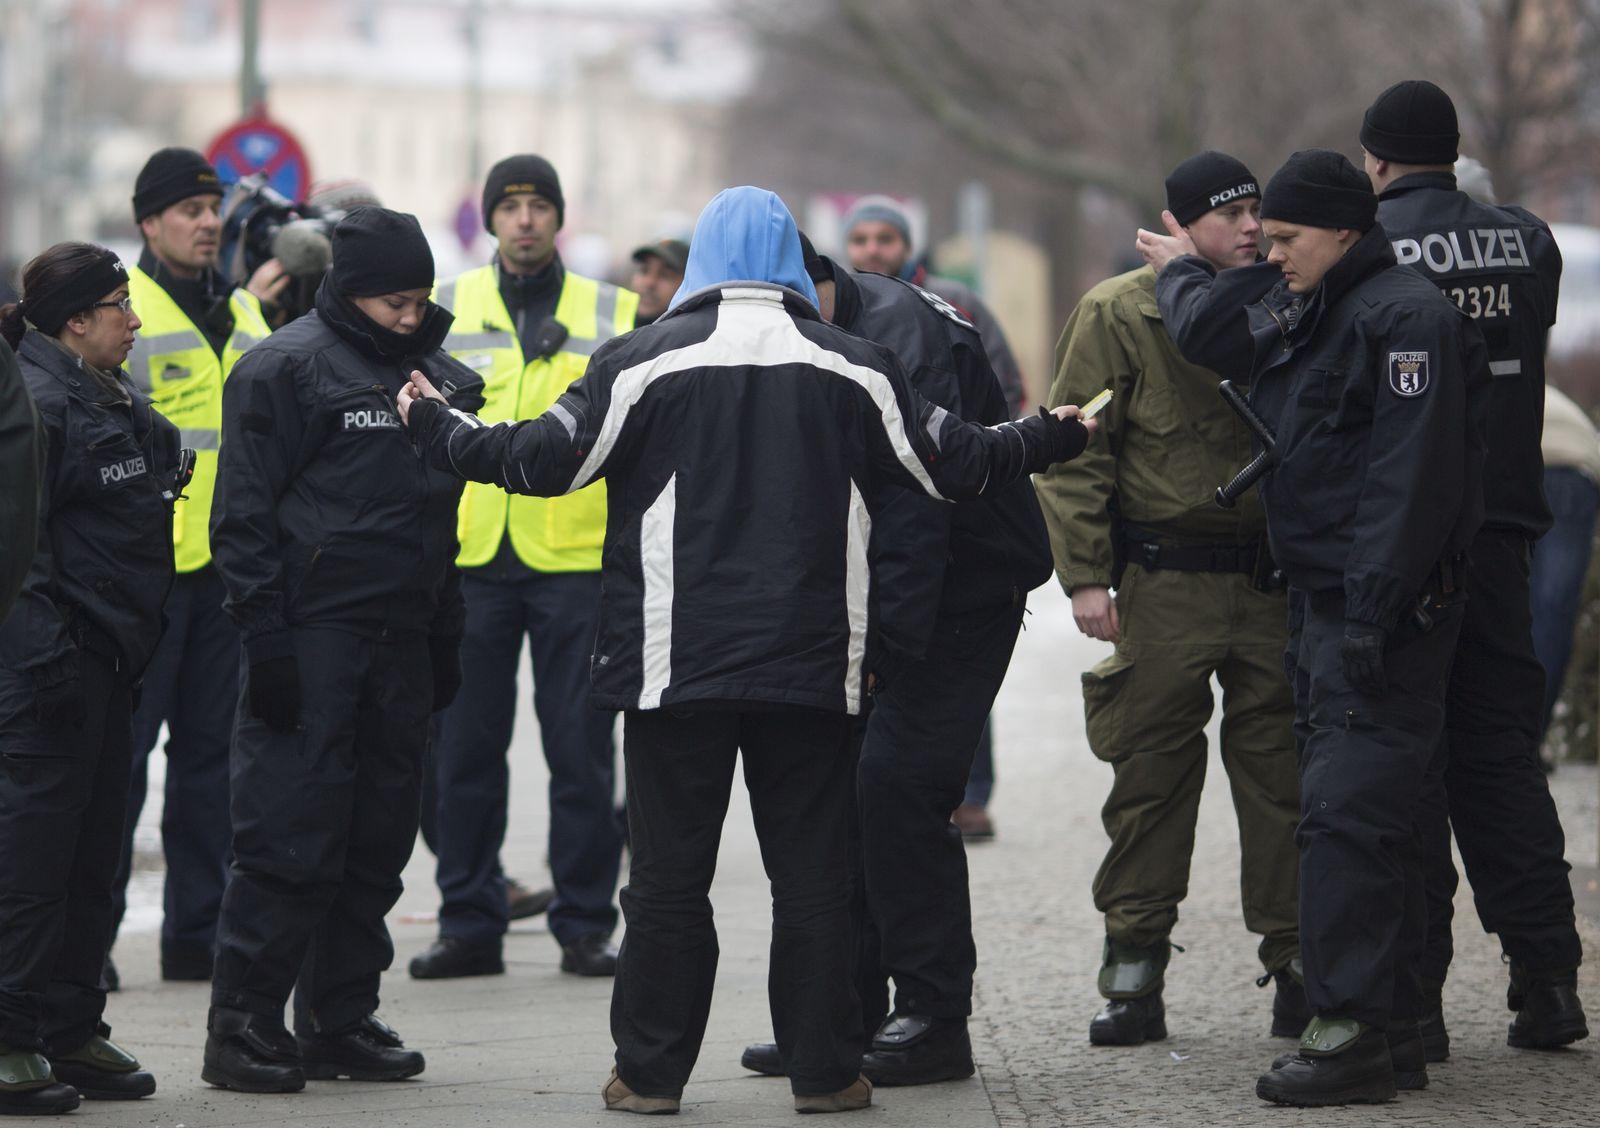 Salafisten/ Kundgebung/ Polizei